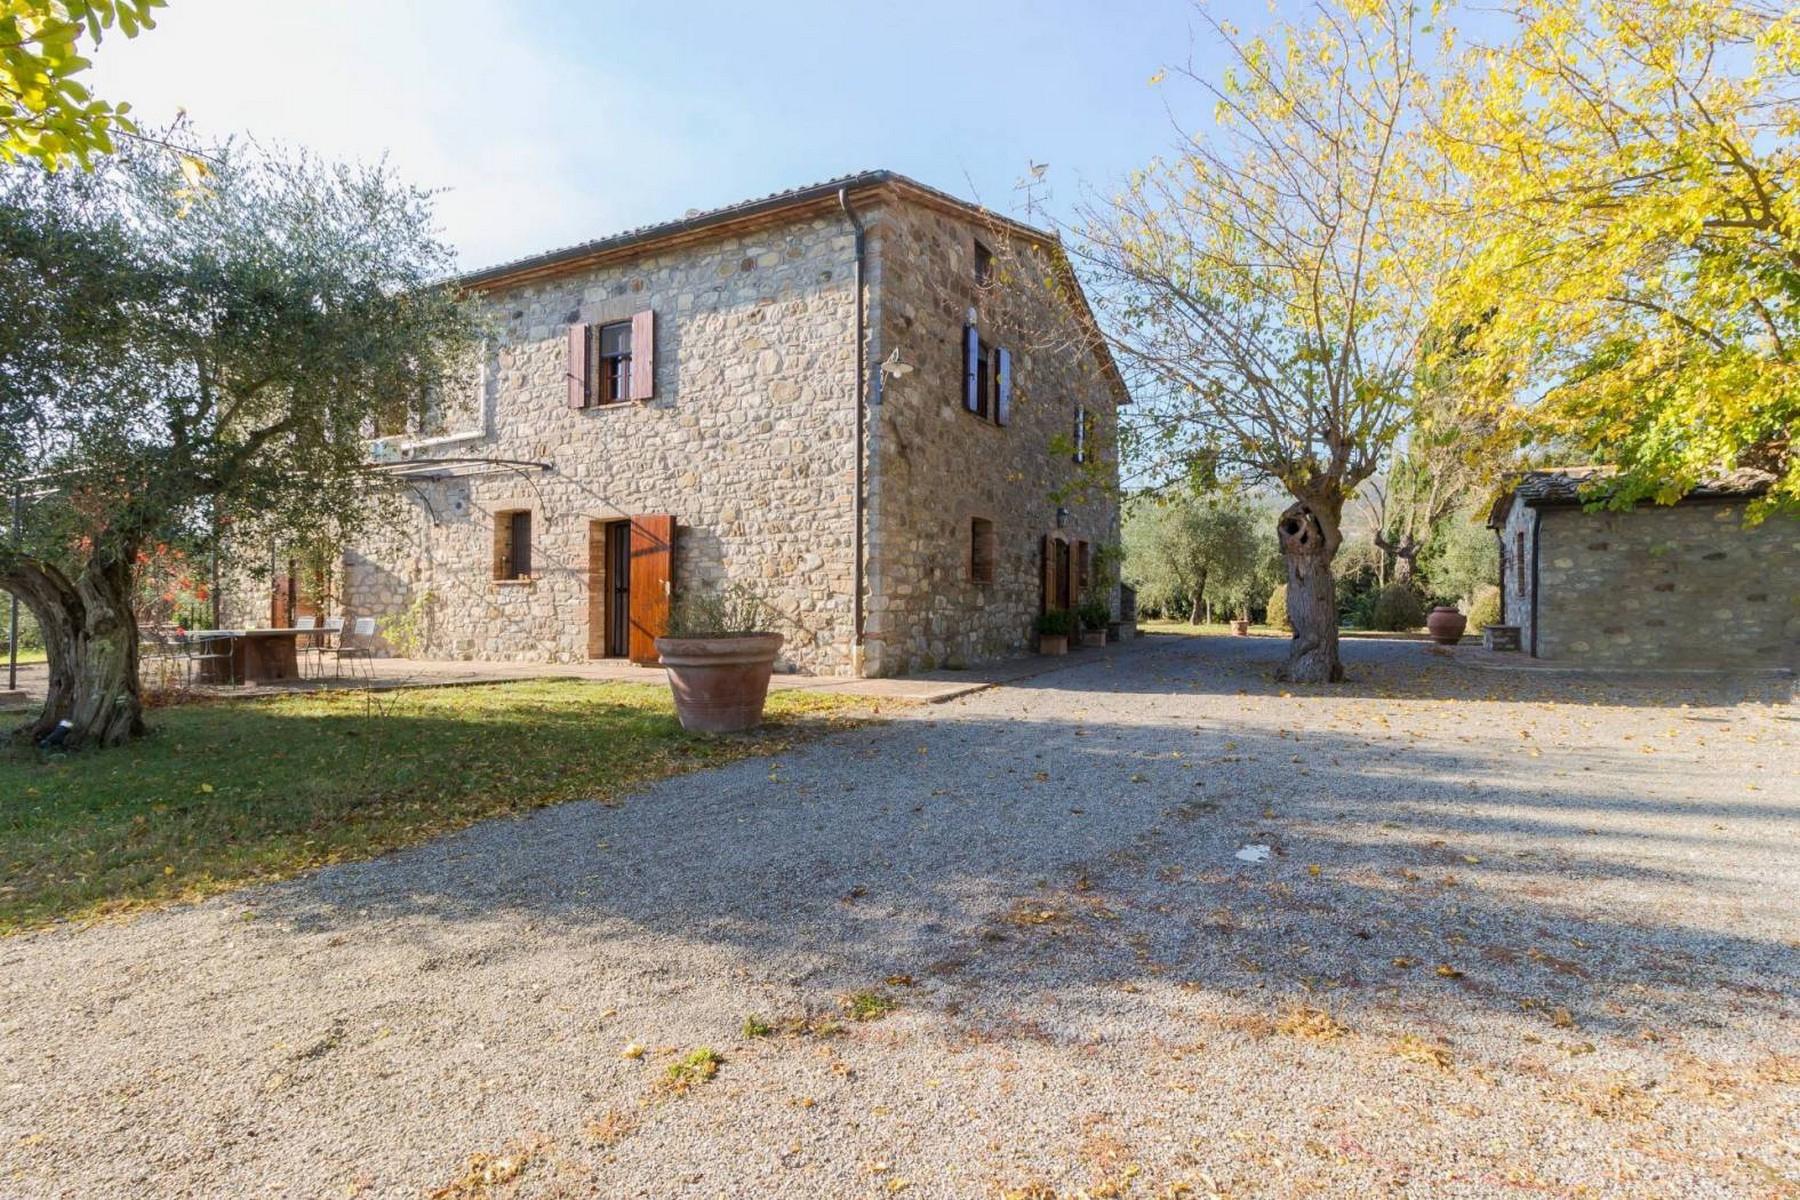 Rustico in Vendita a San Casciano Dei Bagni: 5 locali, 350 mq - Foto 3